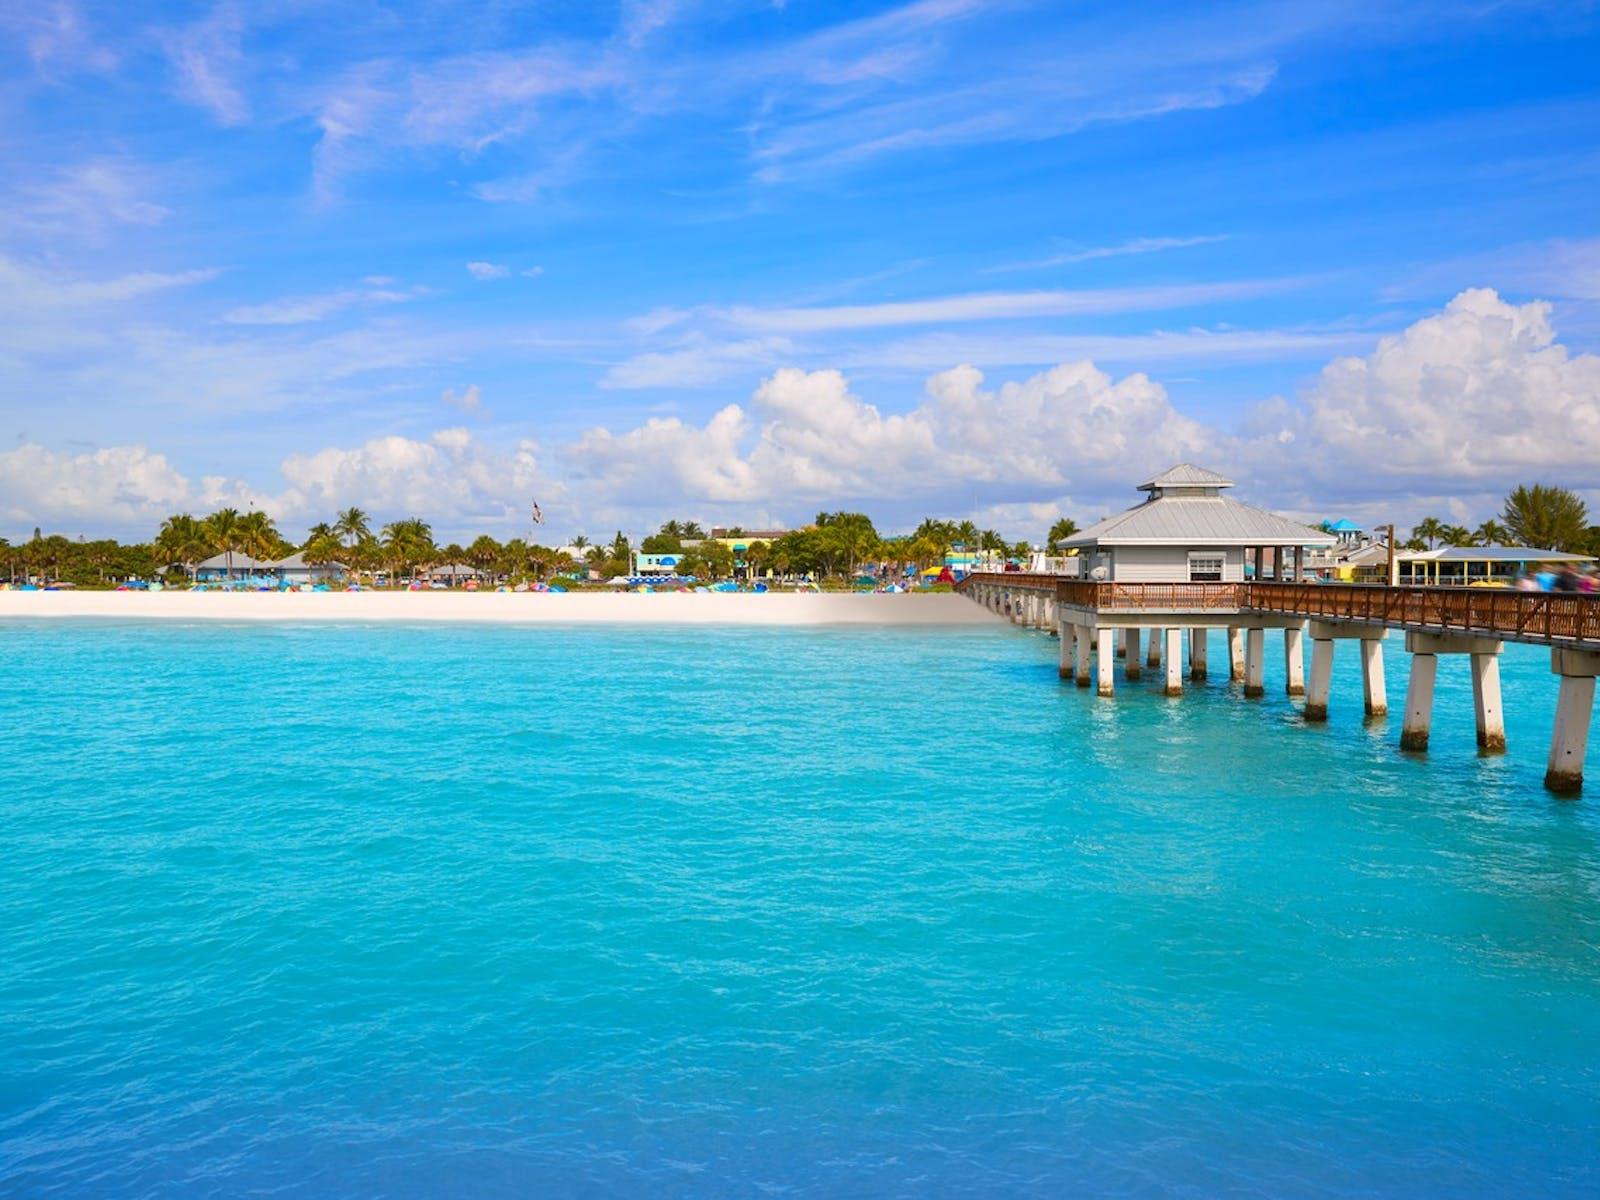 Fort Myers, FL pier